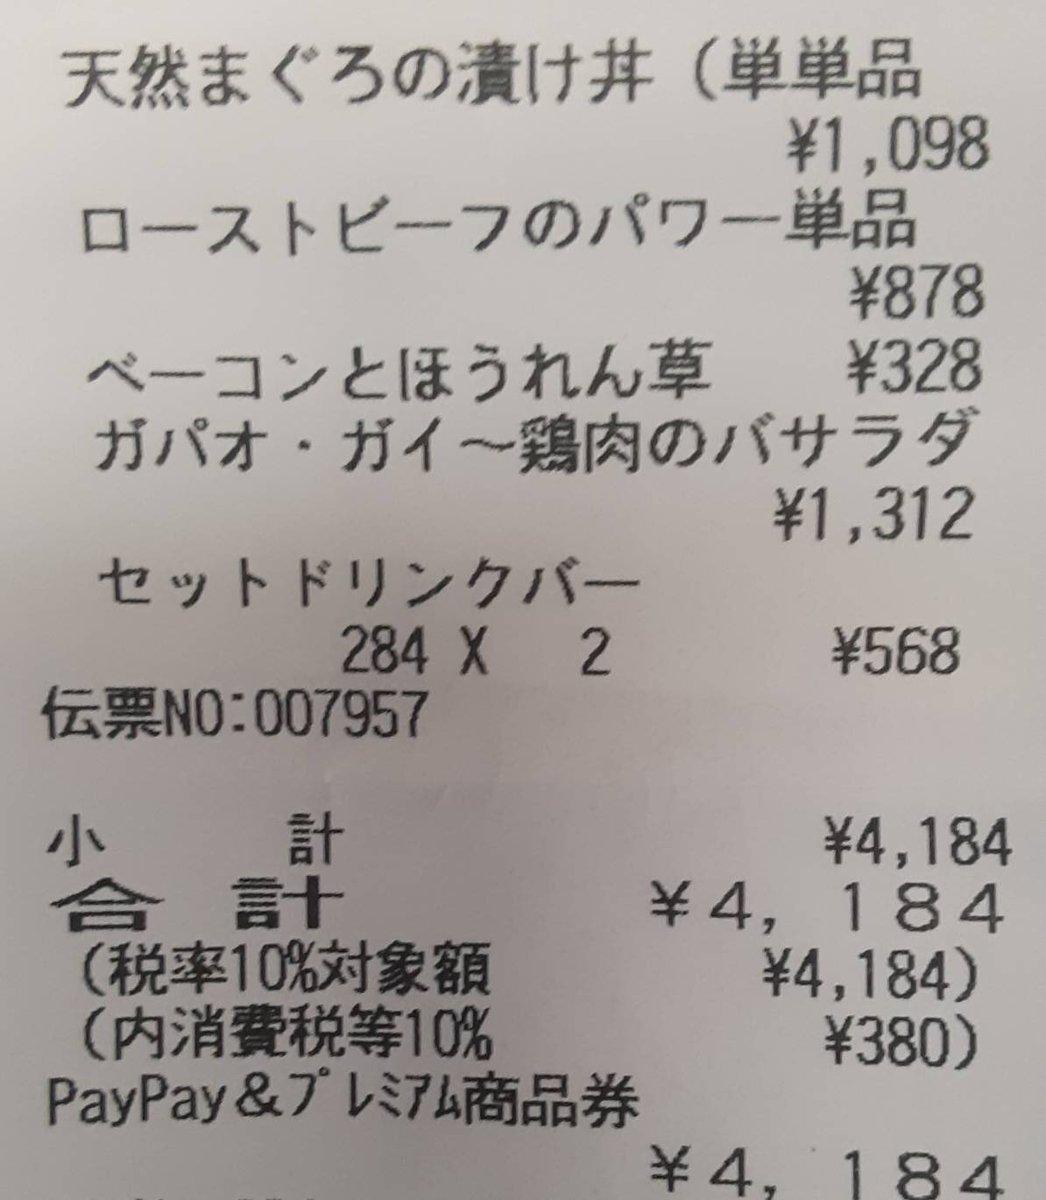 RT @okamotospo: @s_d_naito https://t.co/3sXOvh1fXC